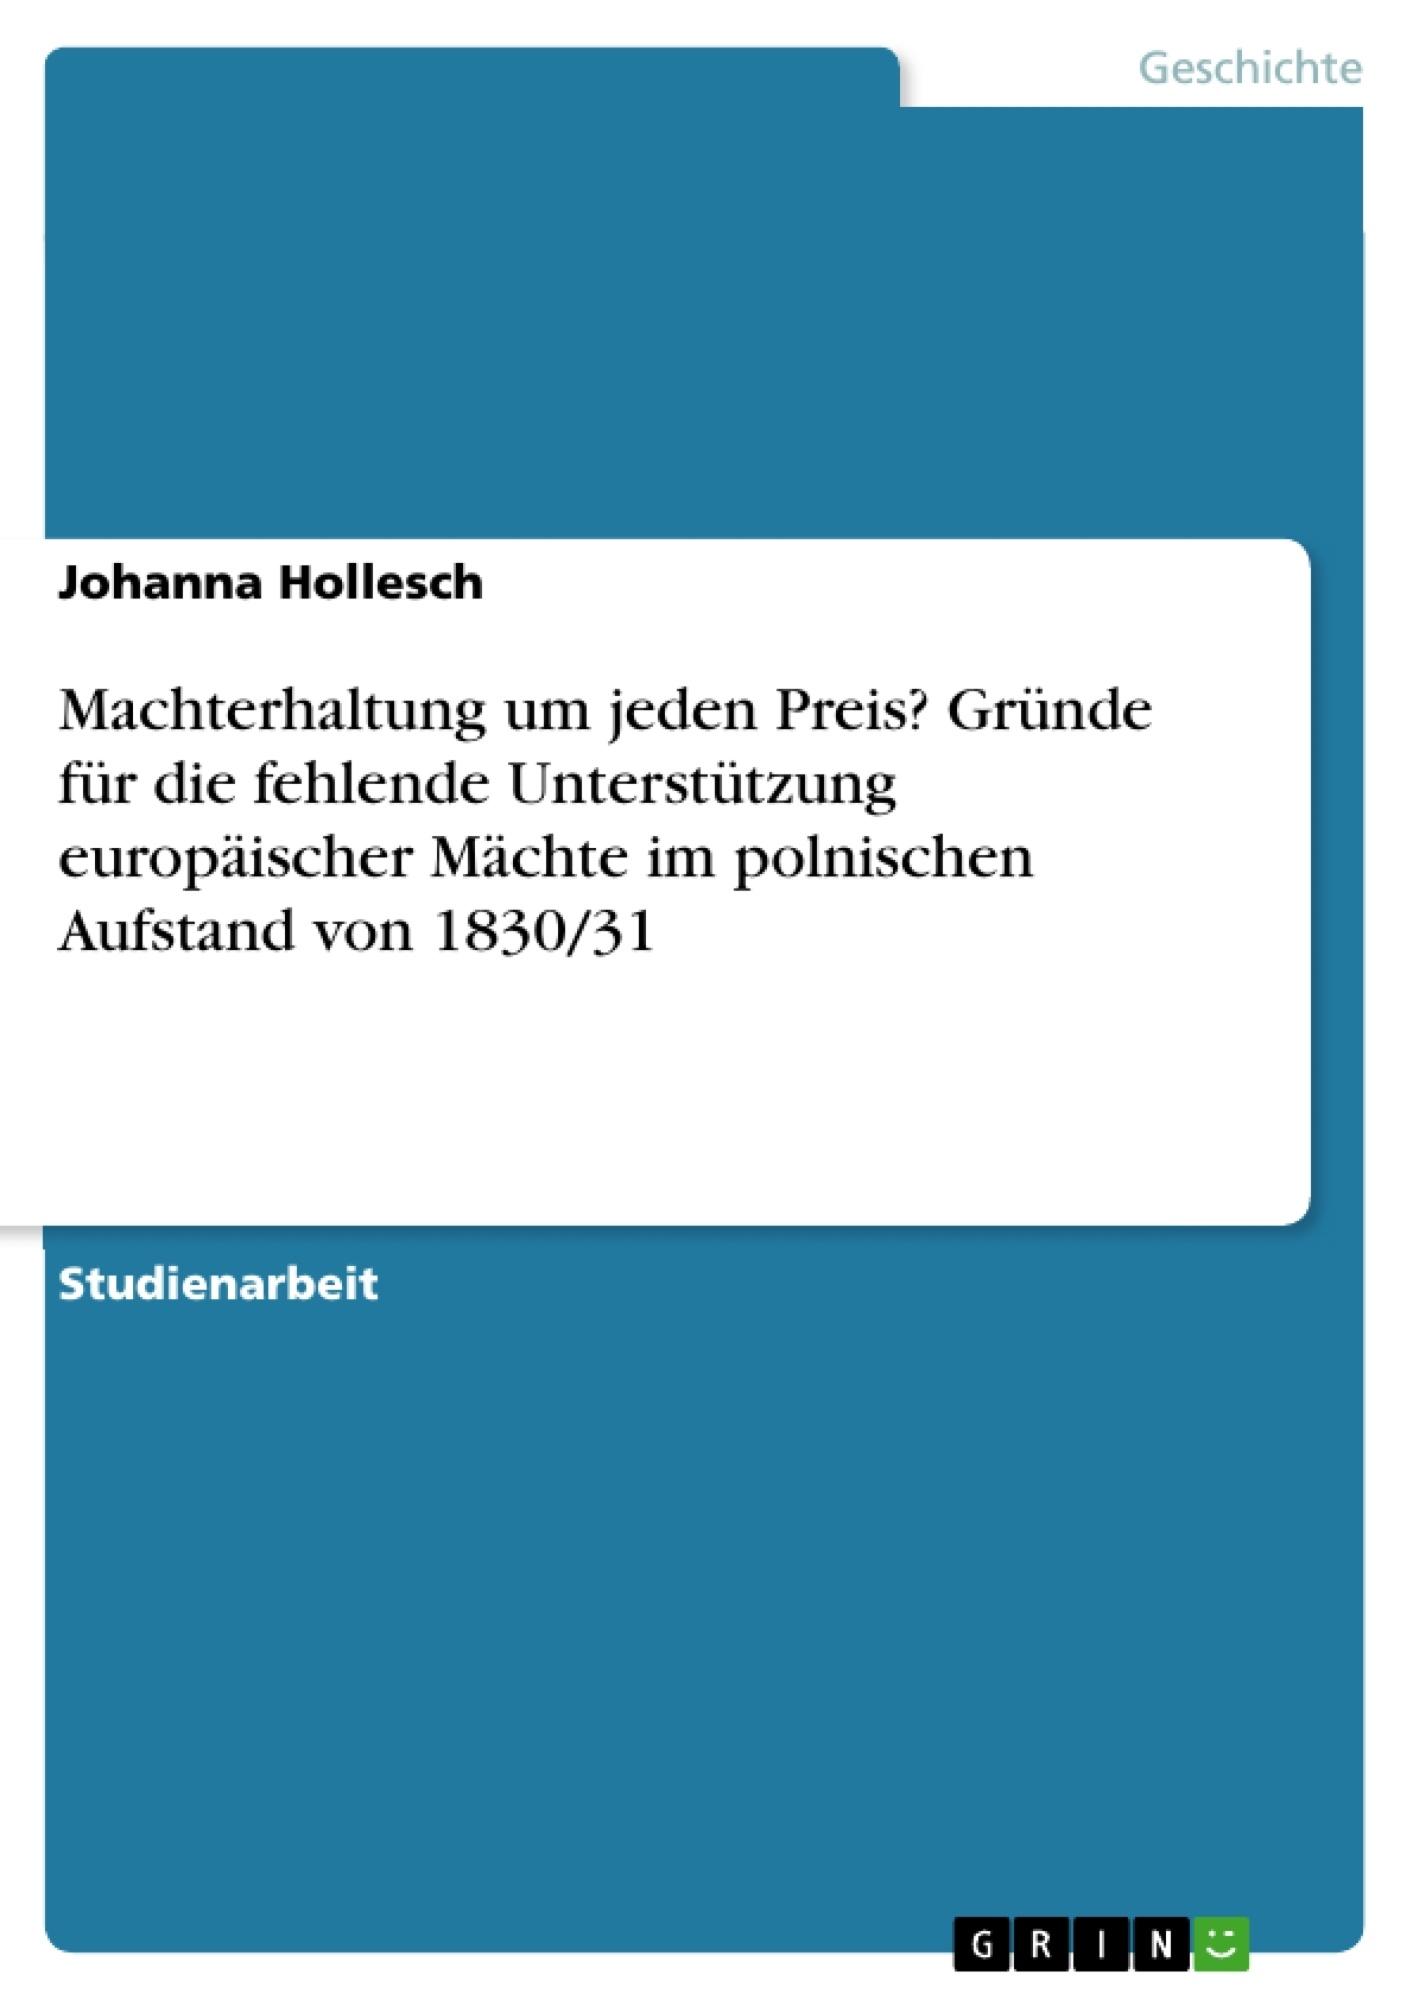 Titel: Machterhaltung um jeden Preis? Gründe für die fehlende Unterstützung europäischer Mächte im polnischen Aufstand von 1830/31